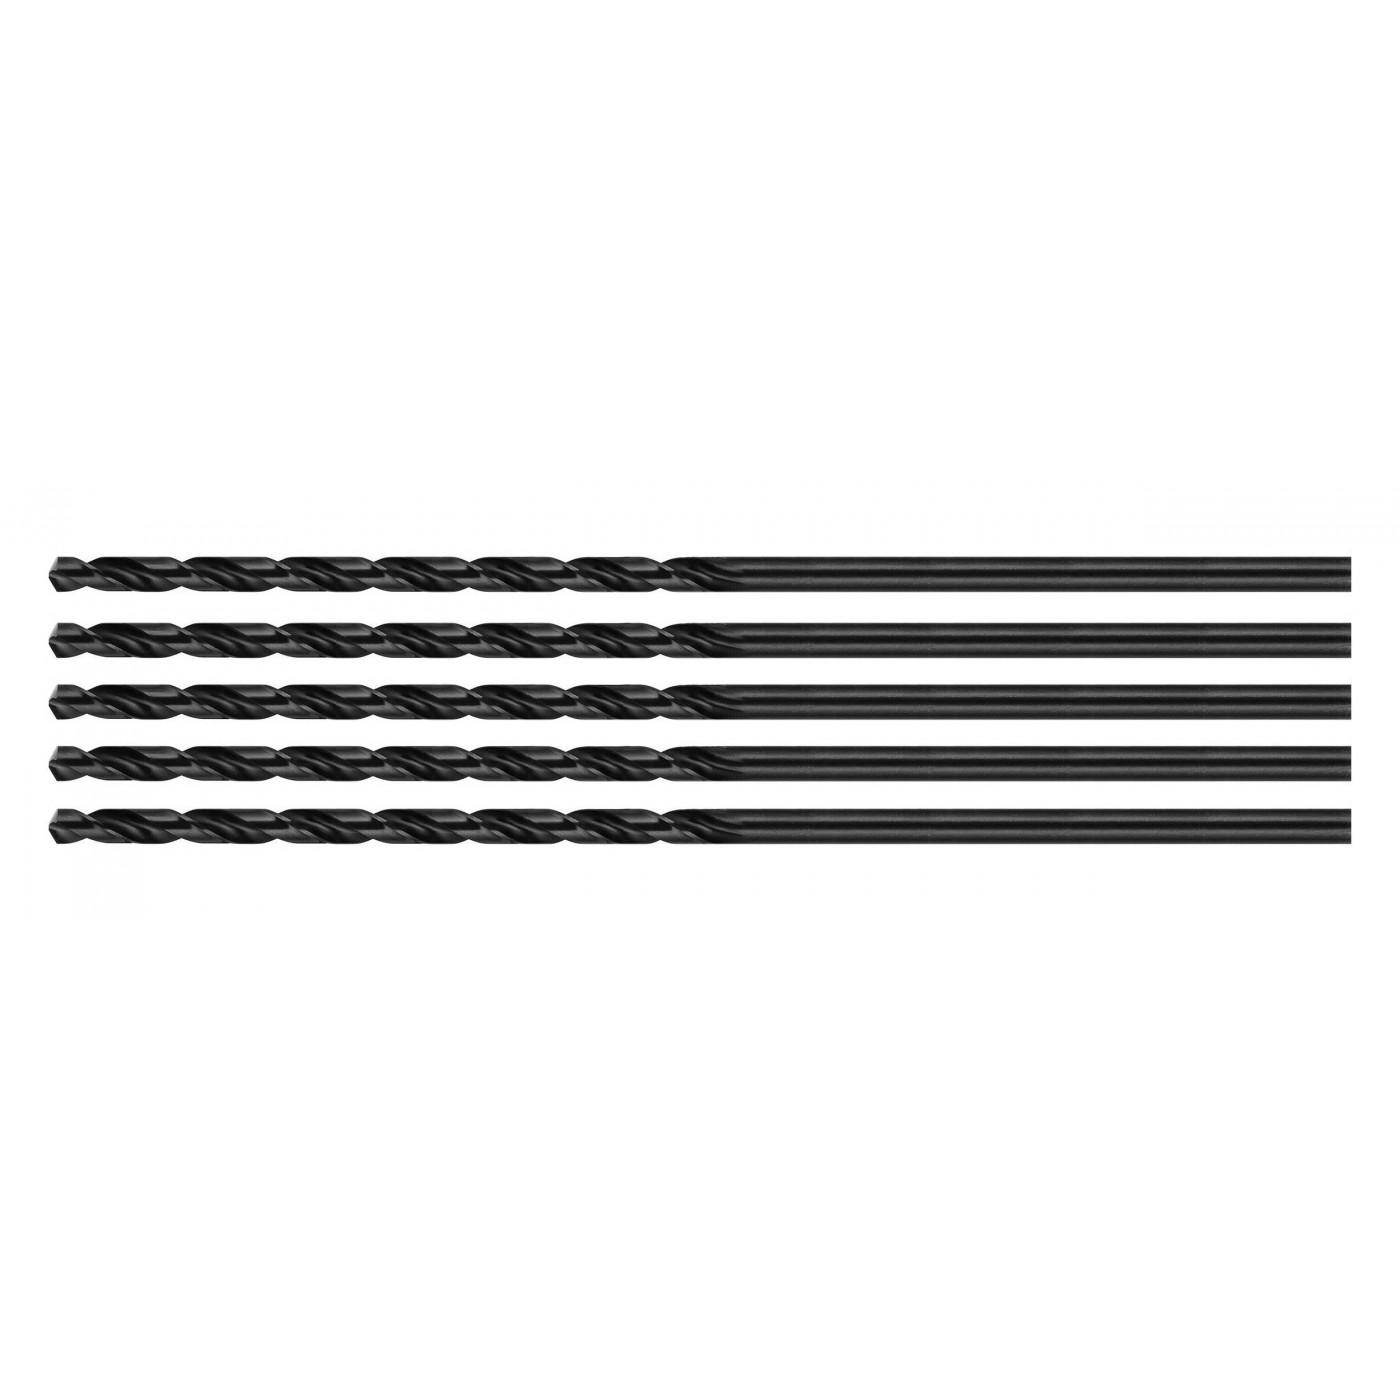 Set van 5 metaalboren, extra lang (5.0x350 mm)